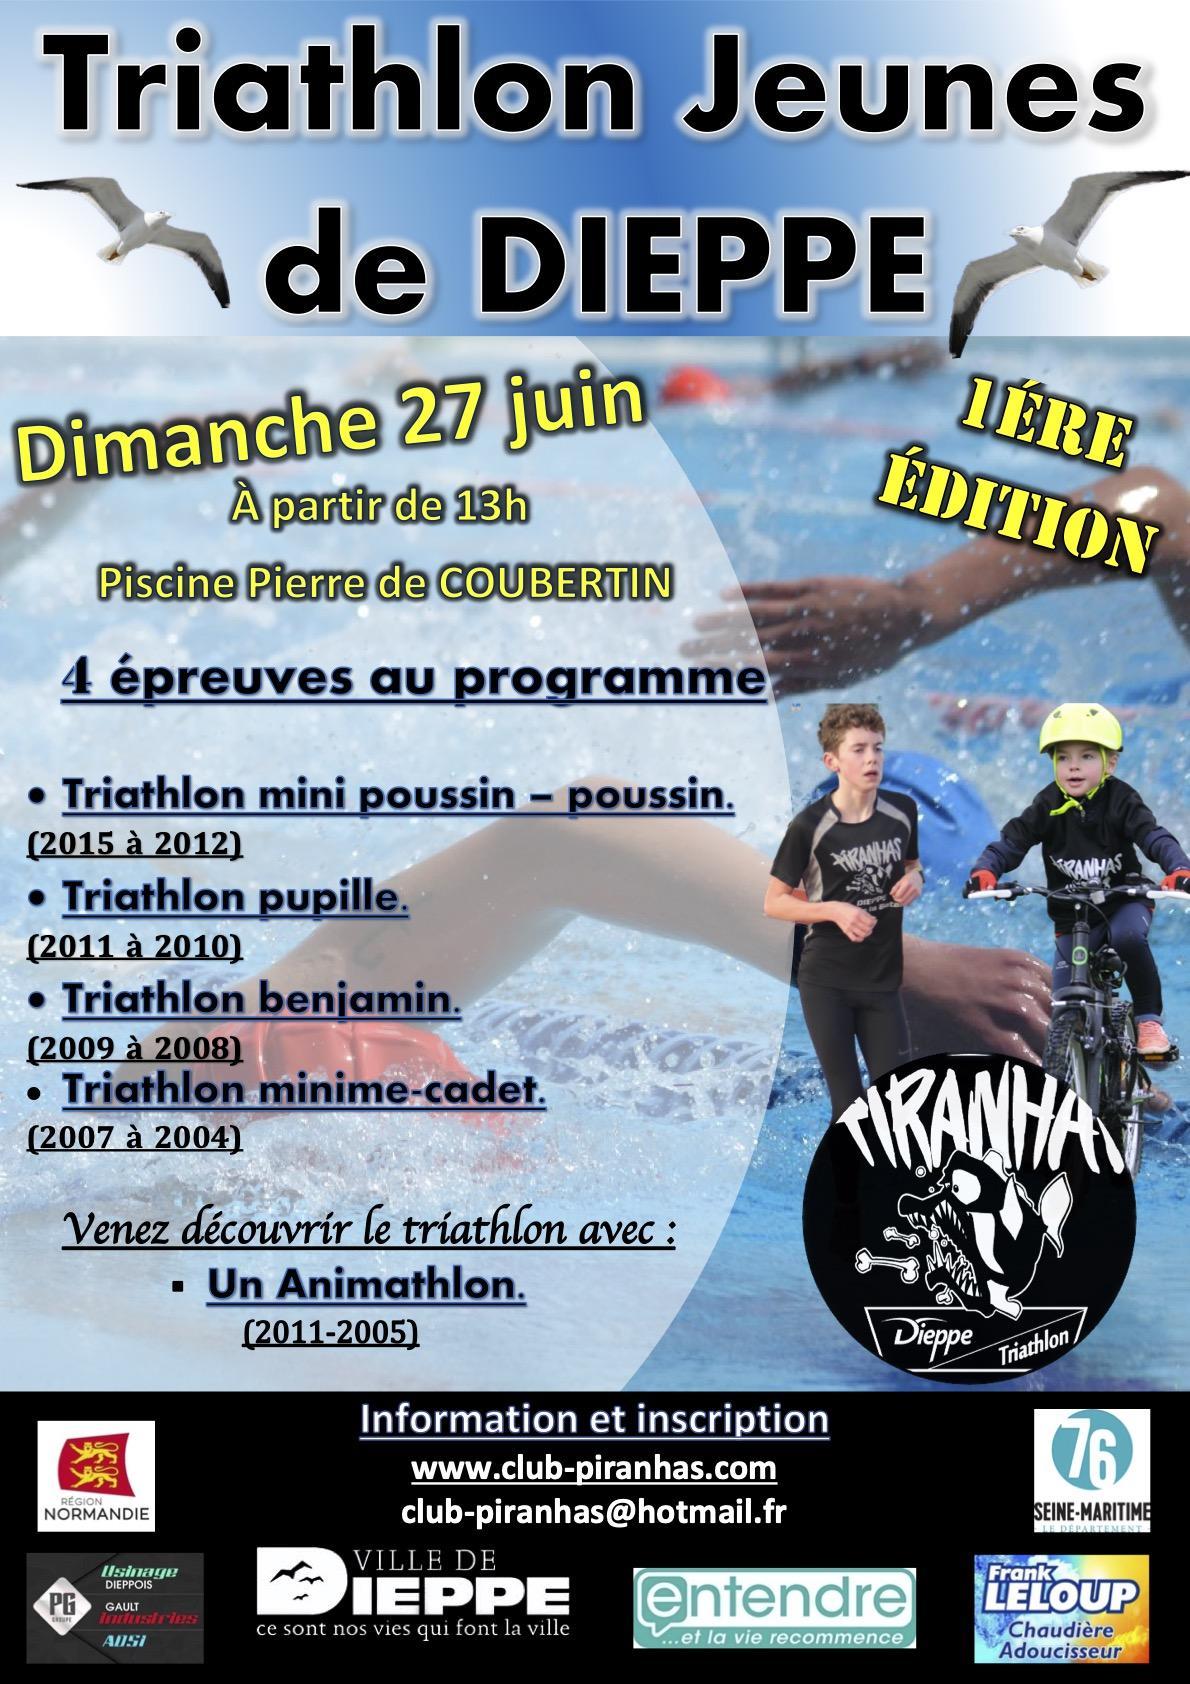 Triathlon jeune de Neuville les Dieppe